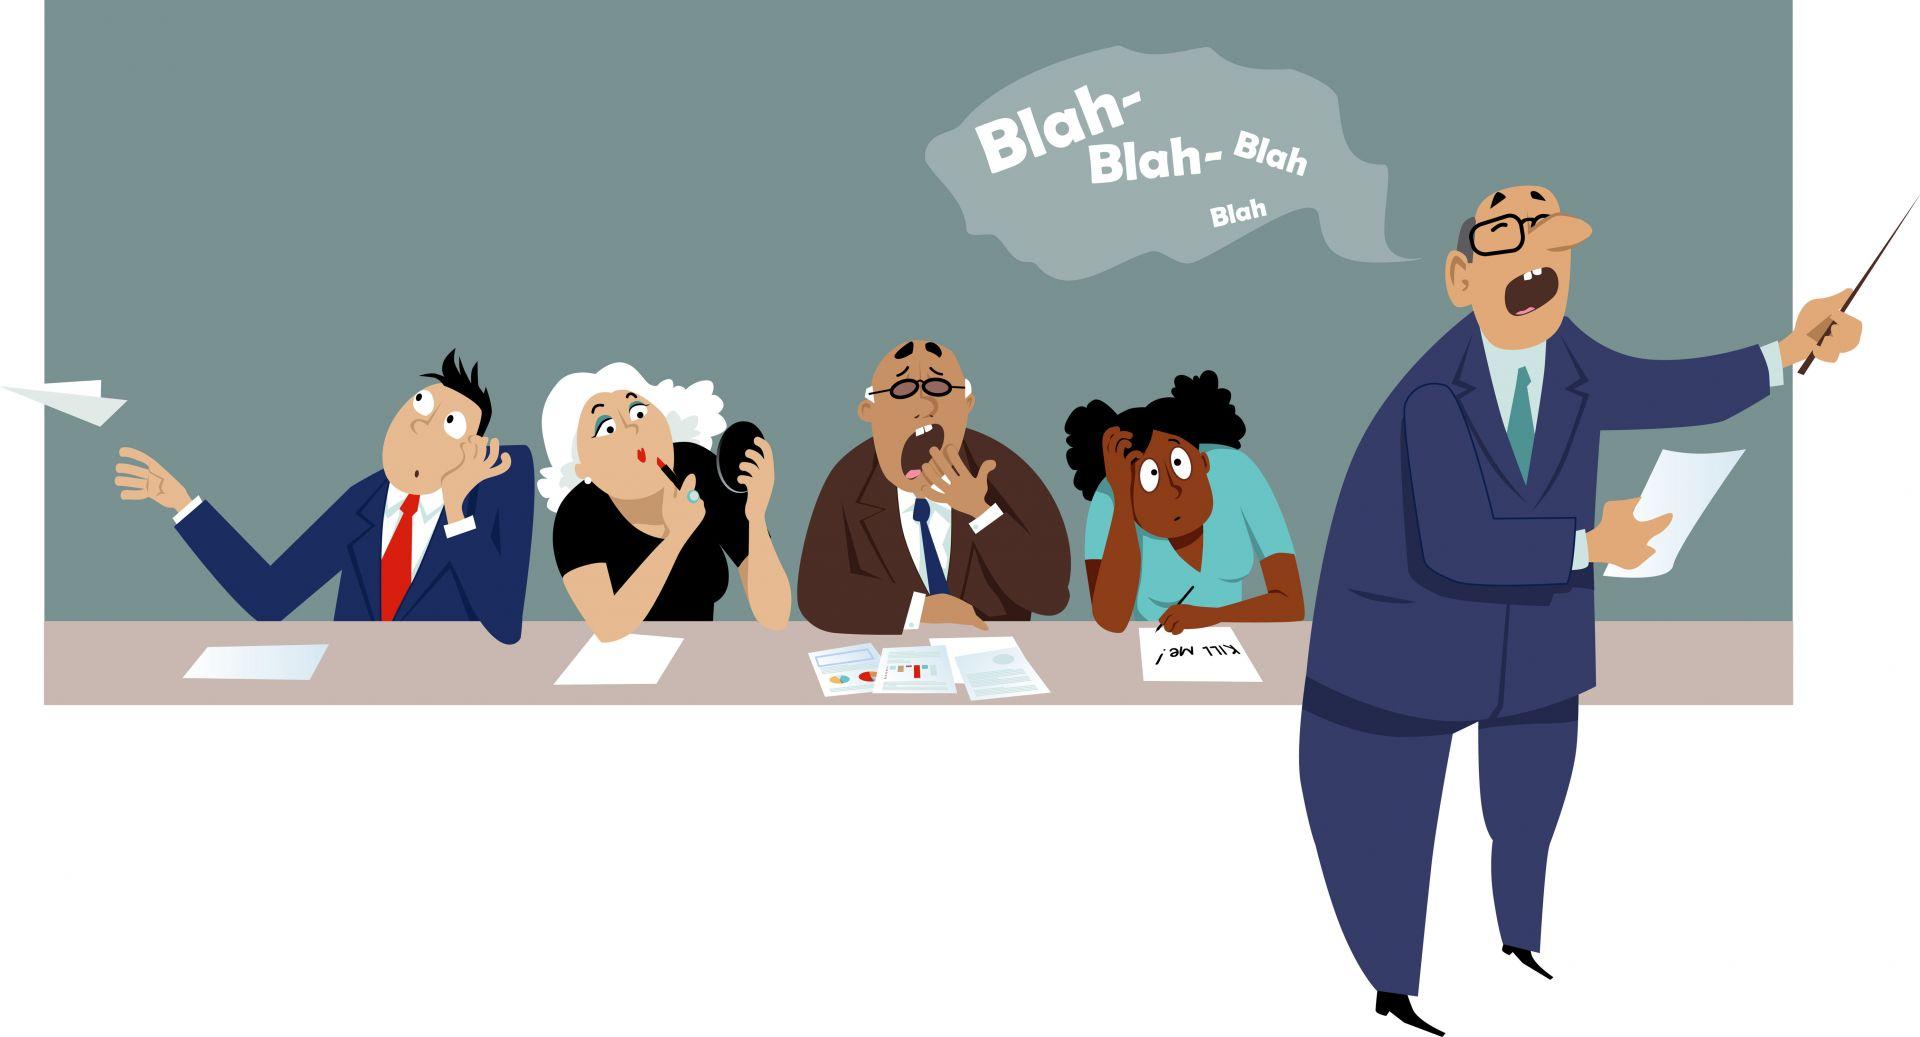 在聽眾專注力最集中的時候,你要說什麼?